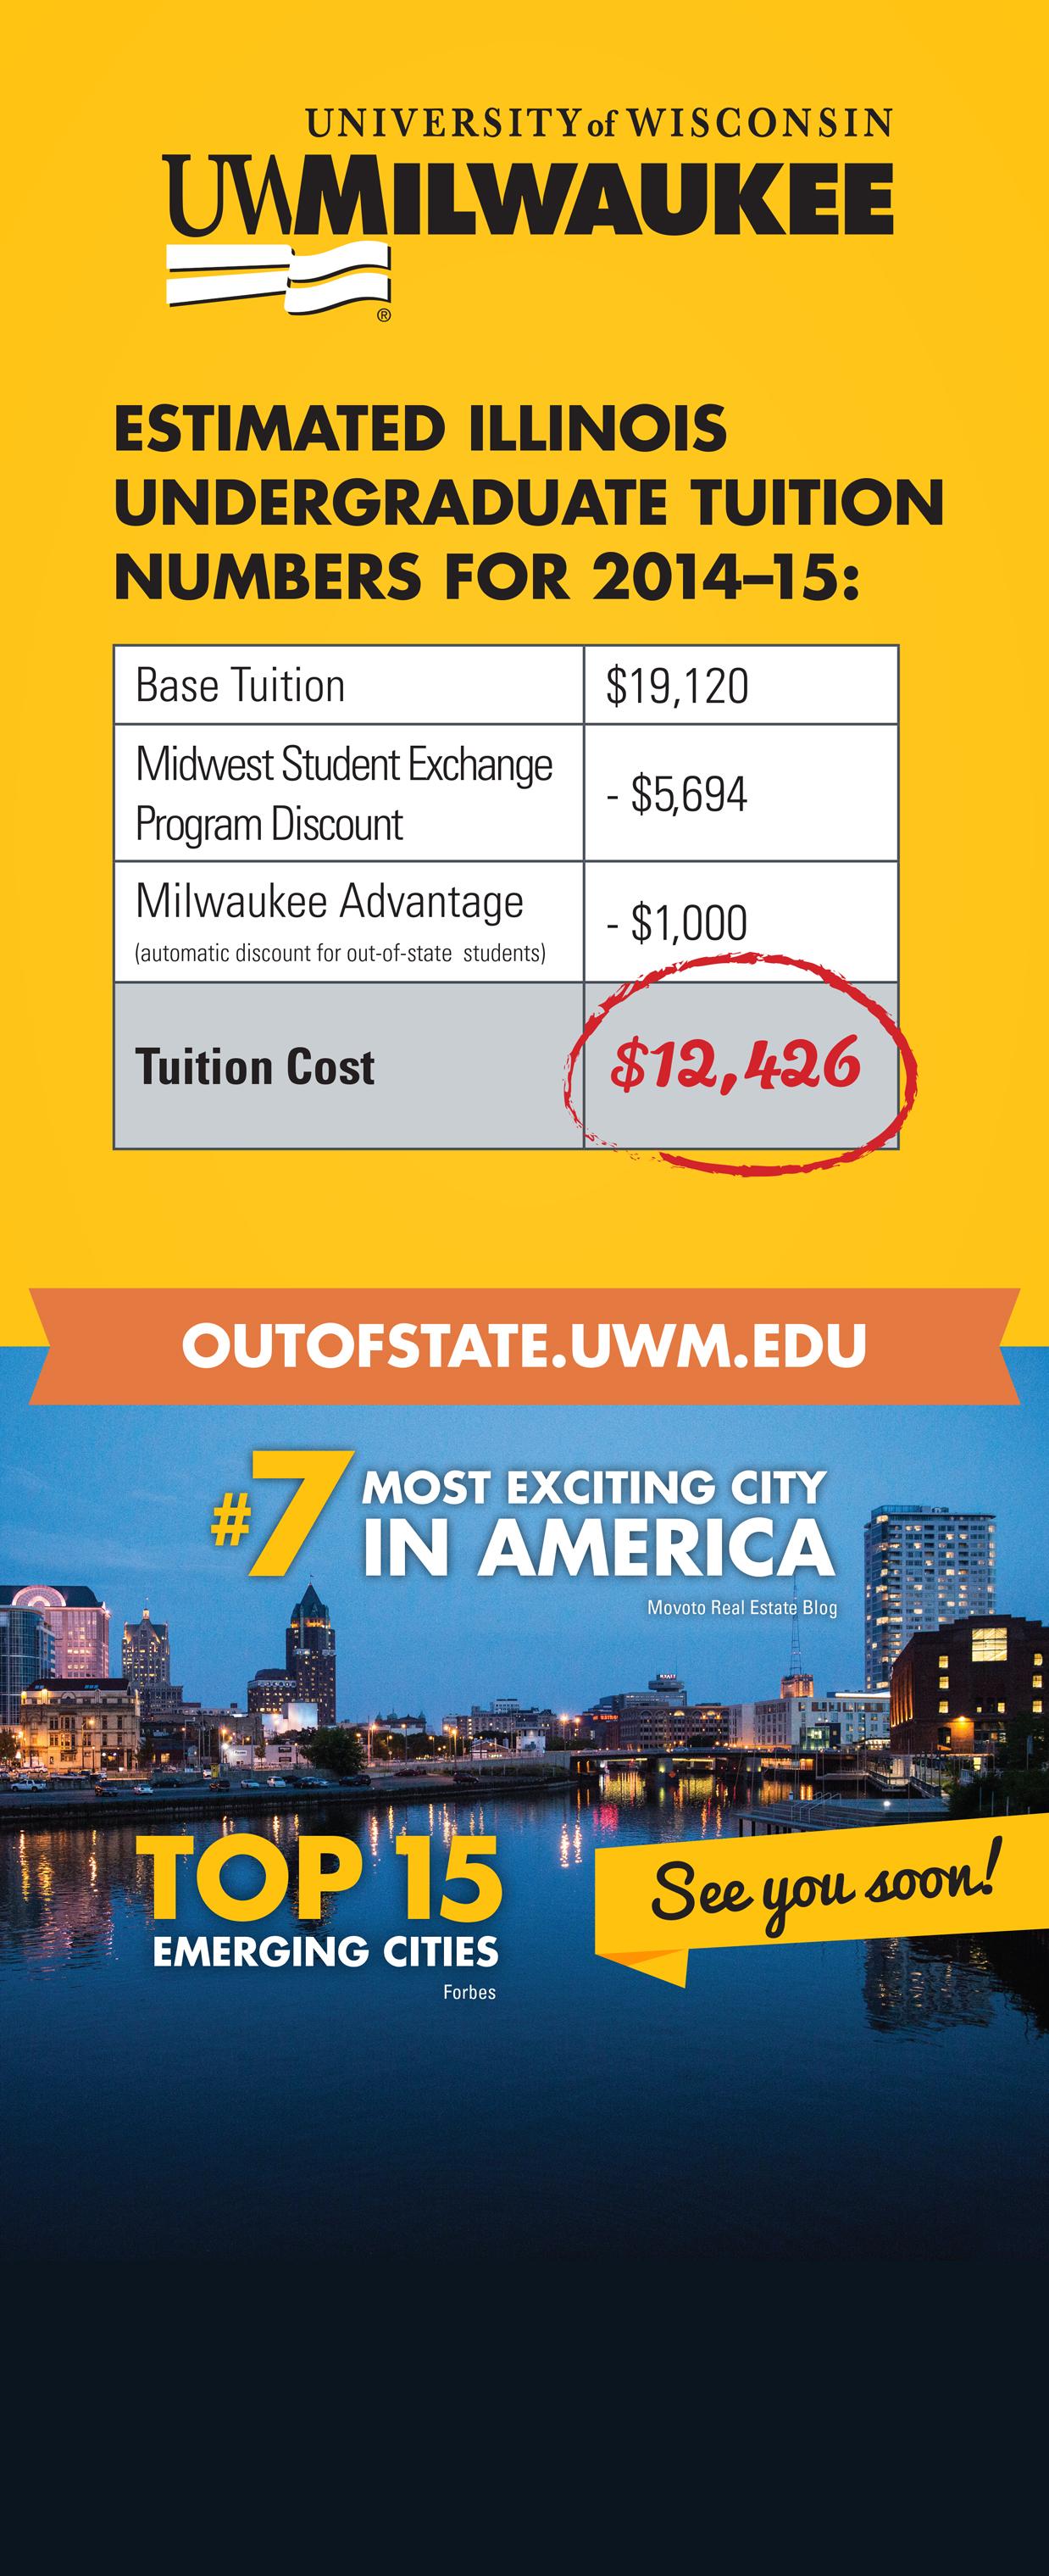 UWMRecruitmentTableBannersSept2014-Draft-4-3.jpg